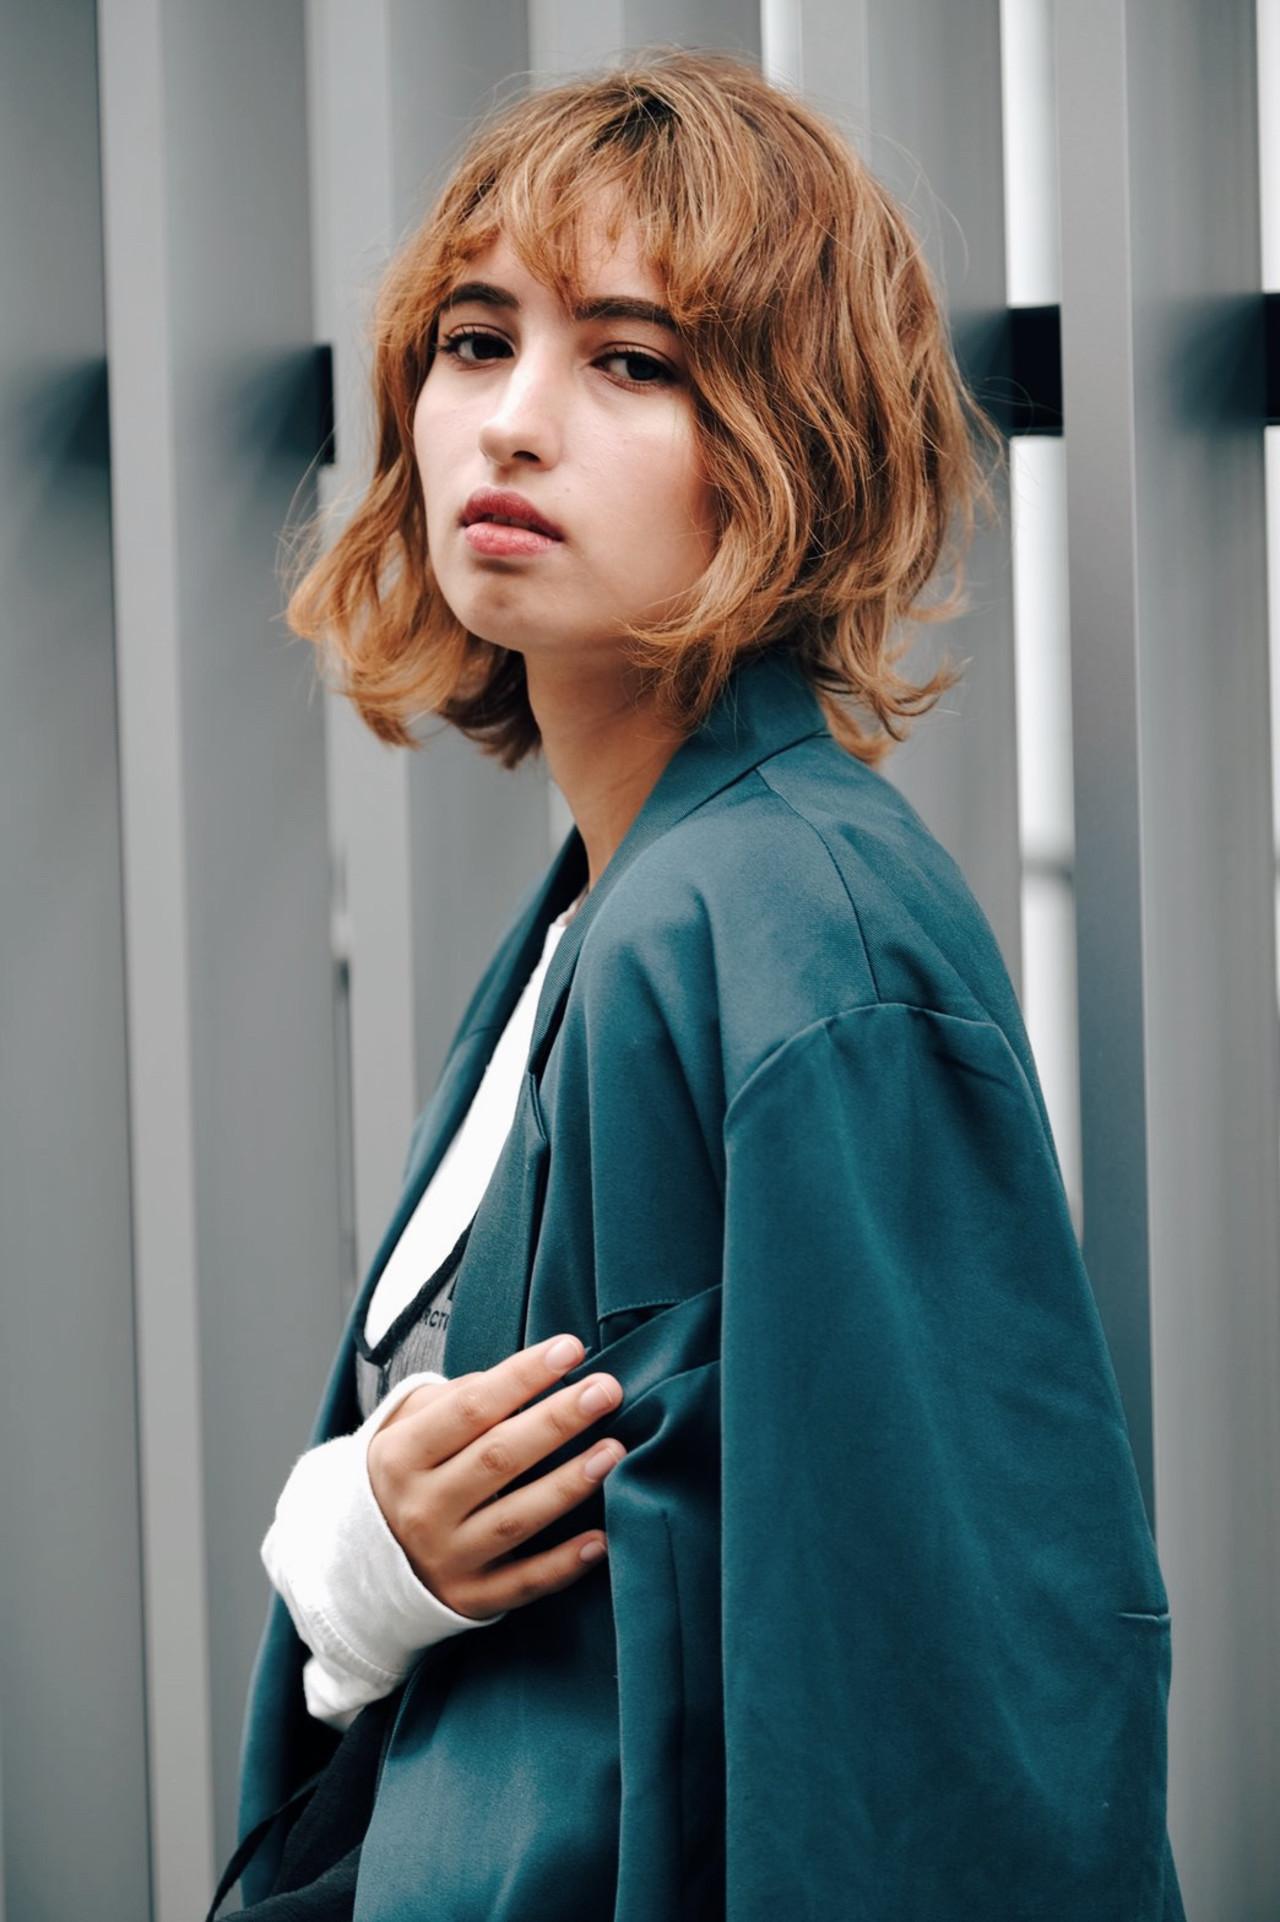 阿藤俊也 セミディ パーマ 巻き髪 ヘアスタイルや髪型の写真・画像